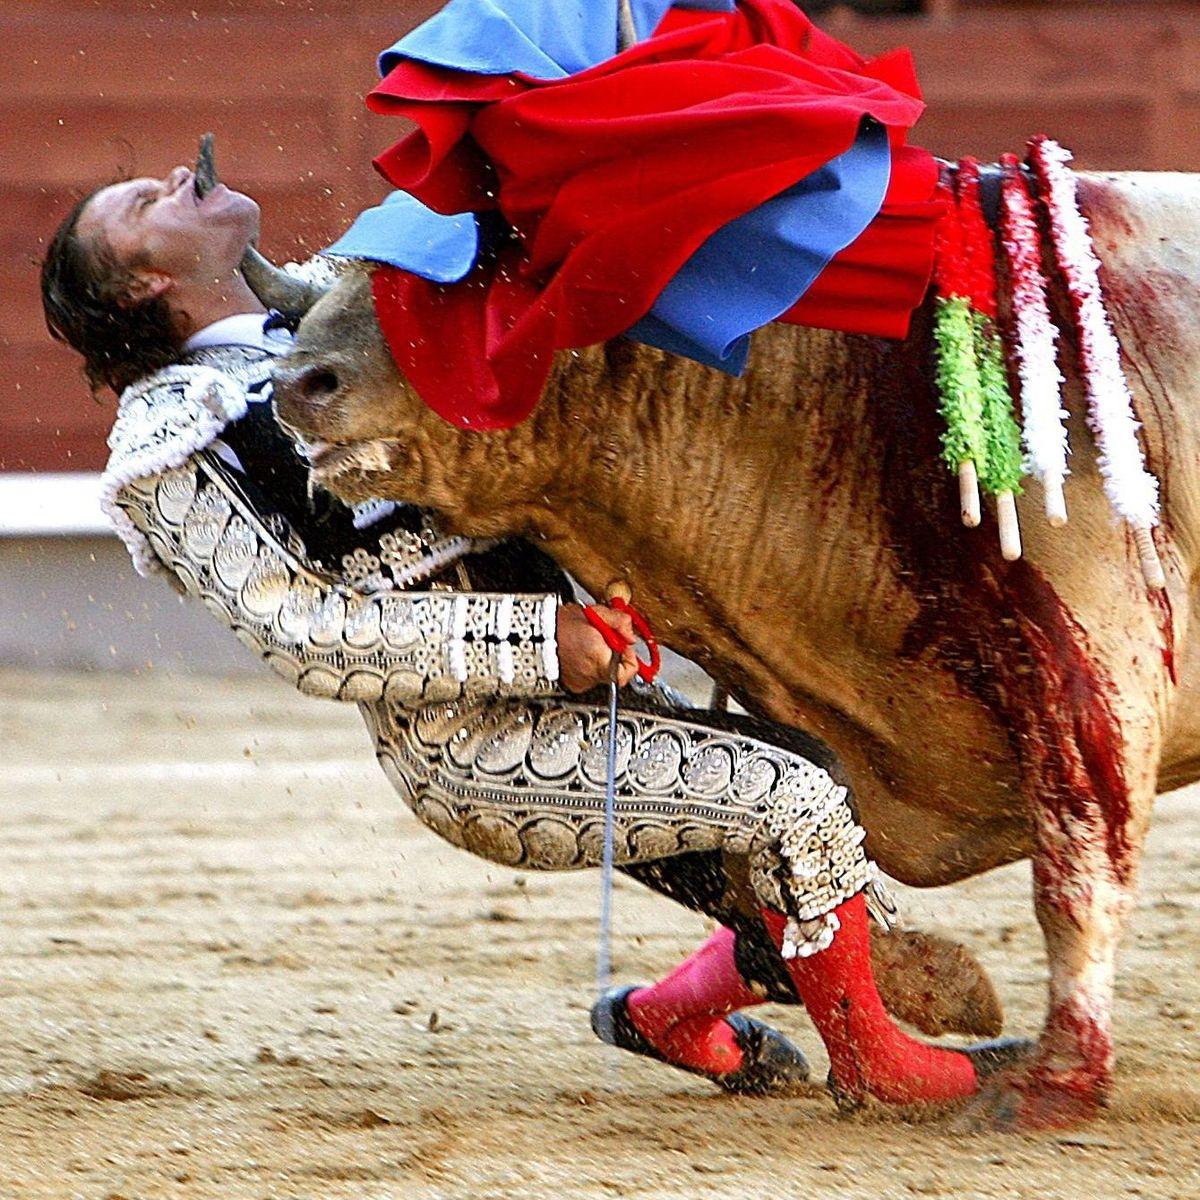 stier spießt matador auf